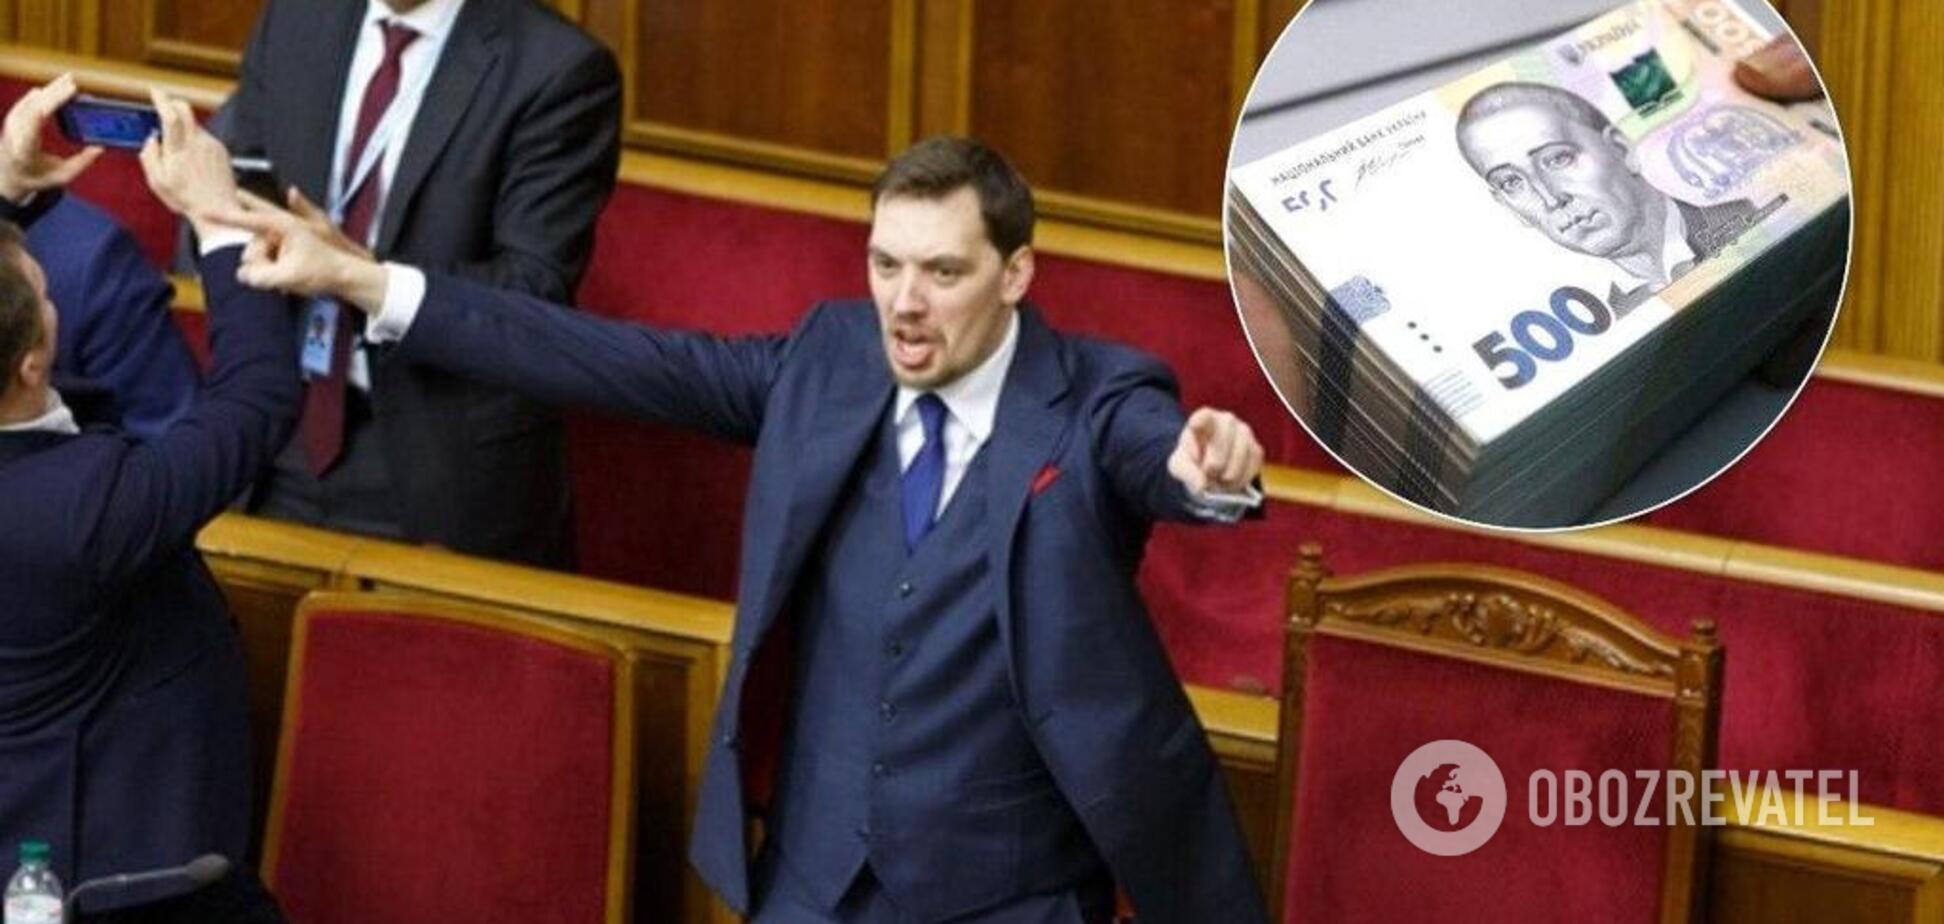 От 100 до 315 тысяч гривен: появился рейтинг 'космических' зарплат и премий министров и премьера